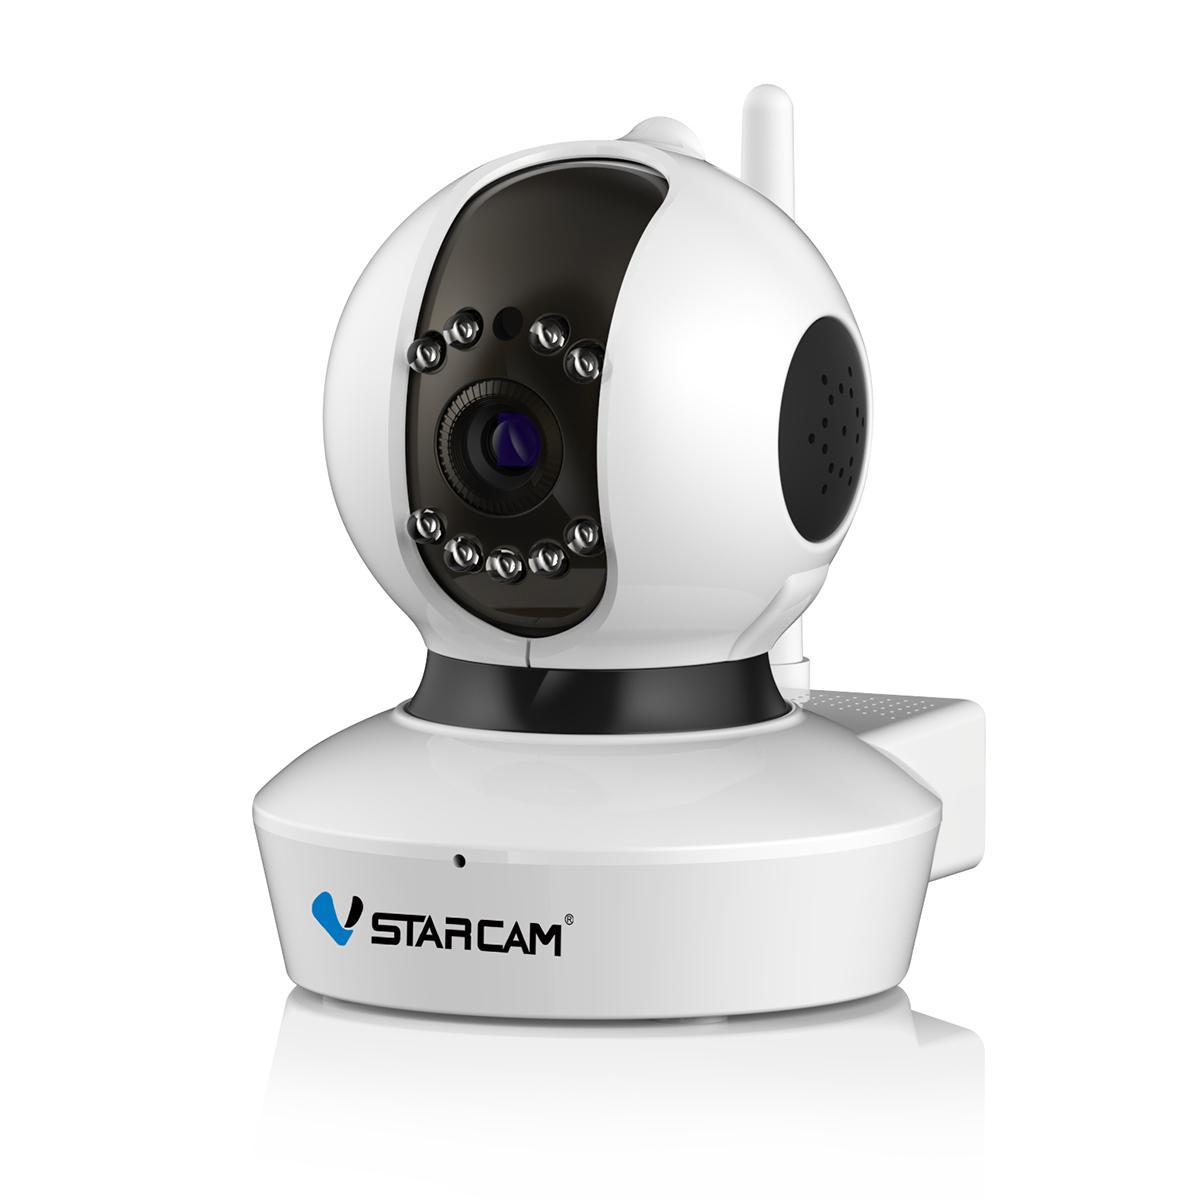 防犯カメラ ワイヤレス C7823WIP SDカード128GB同梱モデル Vstarcam 100万画素 ONVIF対応 クラシックモデル ベビー ペットモニター 無線 WIFI MicroSDカード録画 屋内用 監視 ネットワーク IP WEB カメラ 宅配便送料無料 PSE 技適 6ヶ月保証